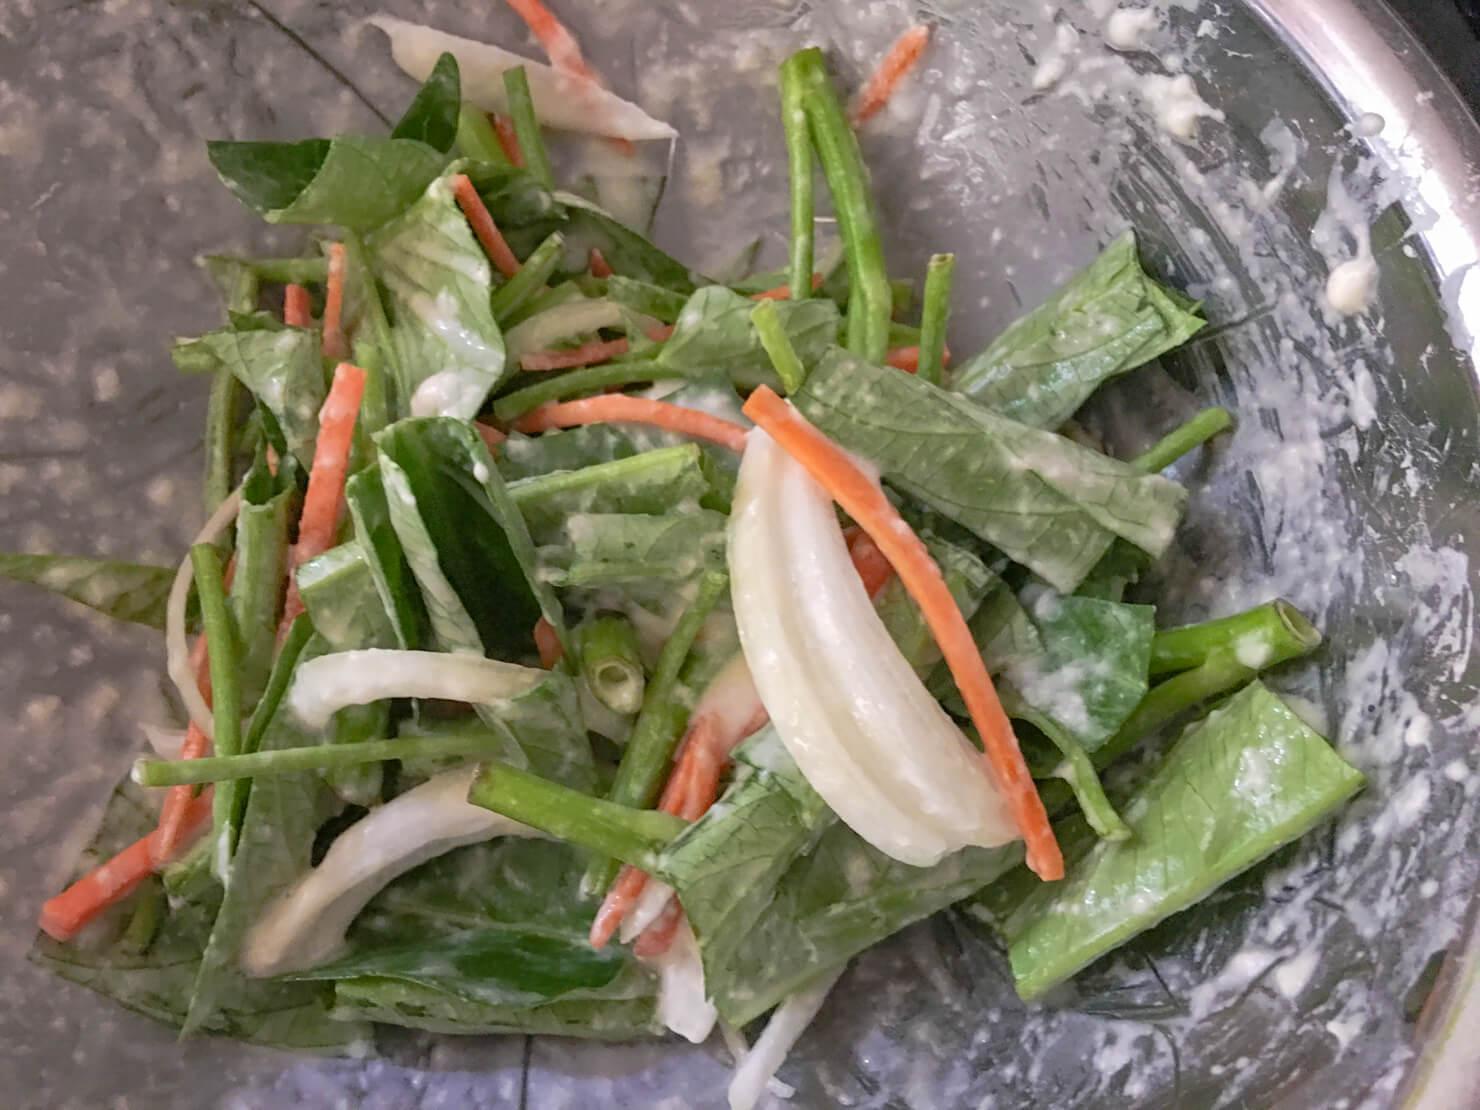 空芯菜と人参と玉ねぎを粉と混ぜた写真